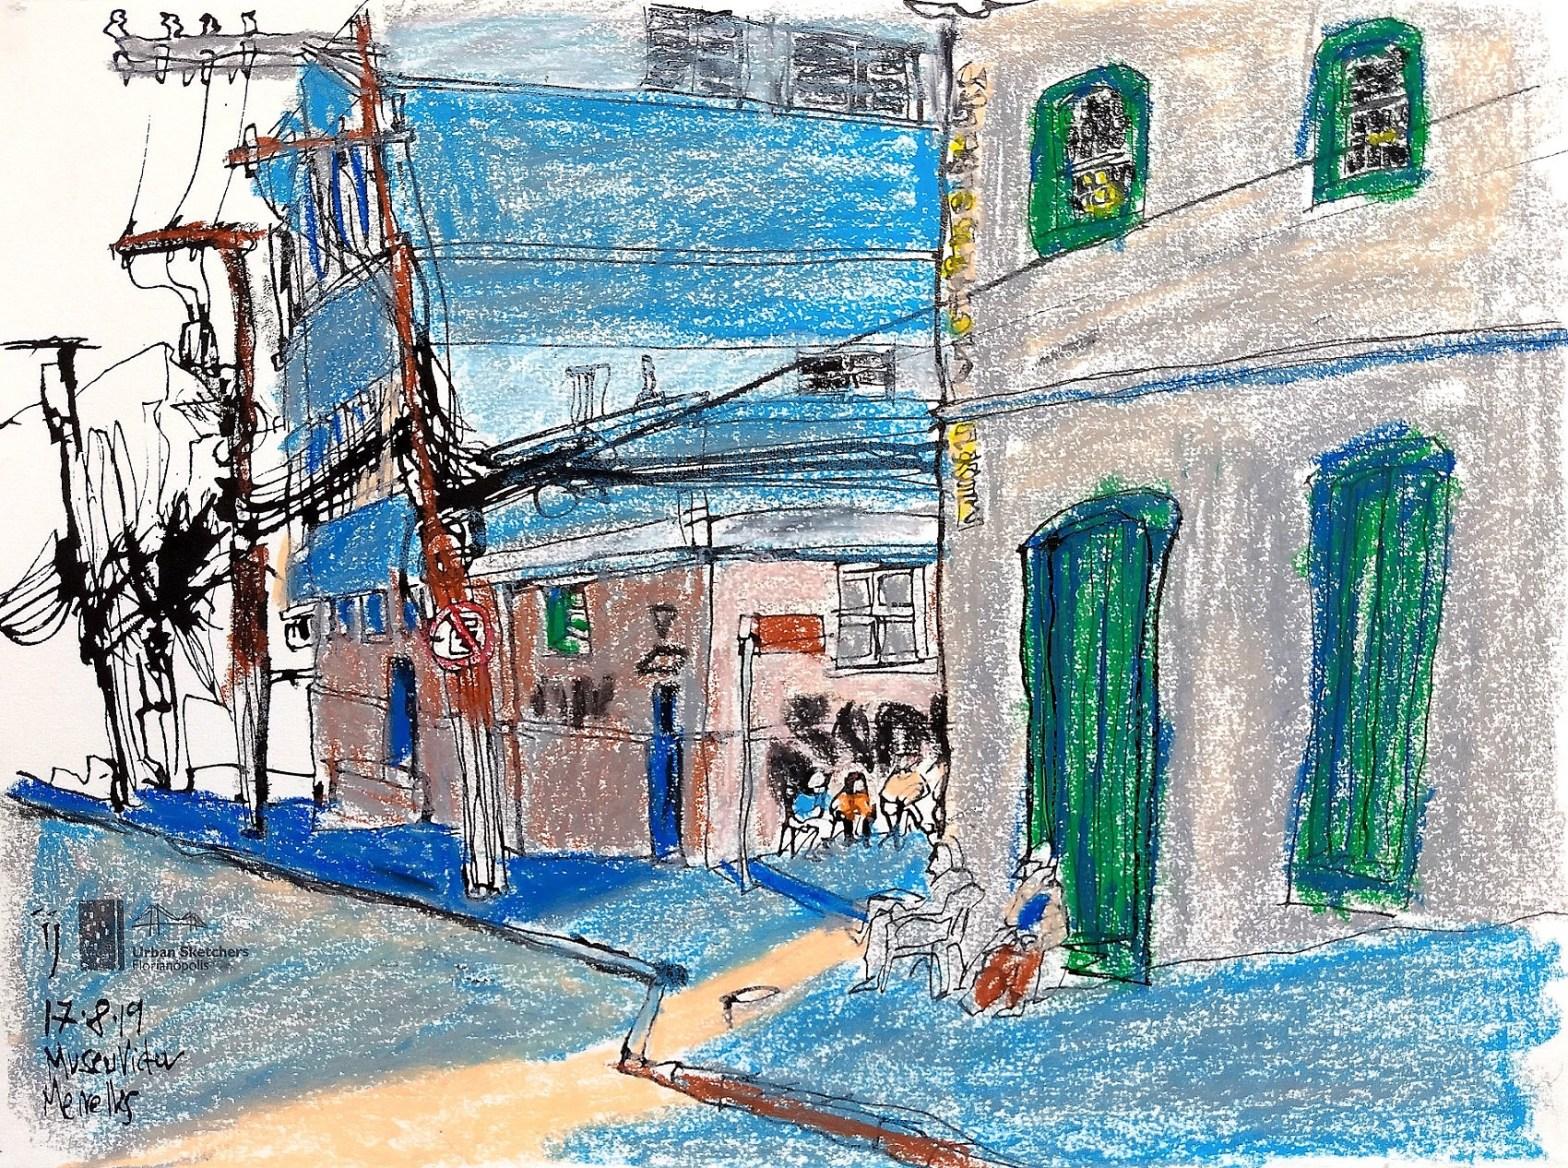 Desenho colorido mostrando os prédios, os postes e algumas pessoas sentadas